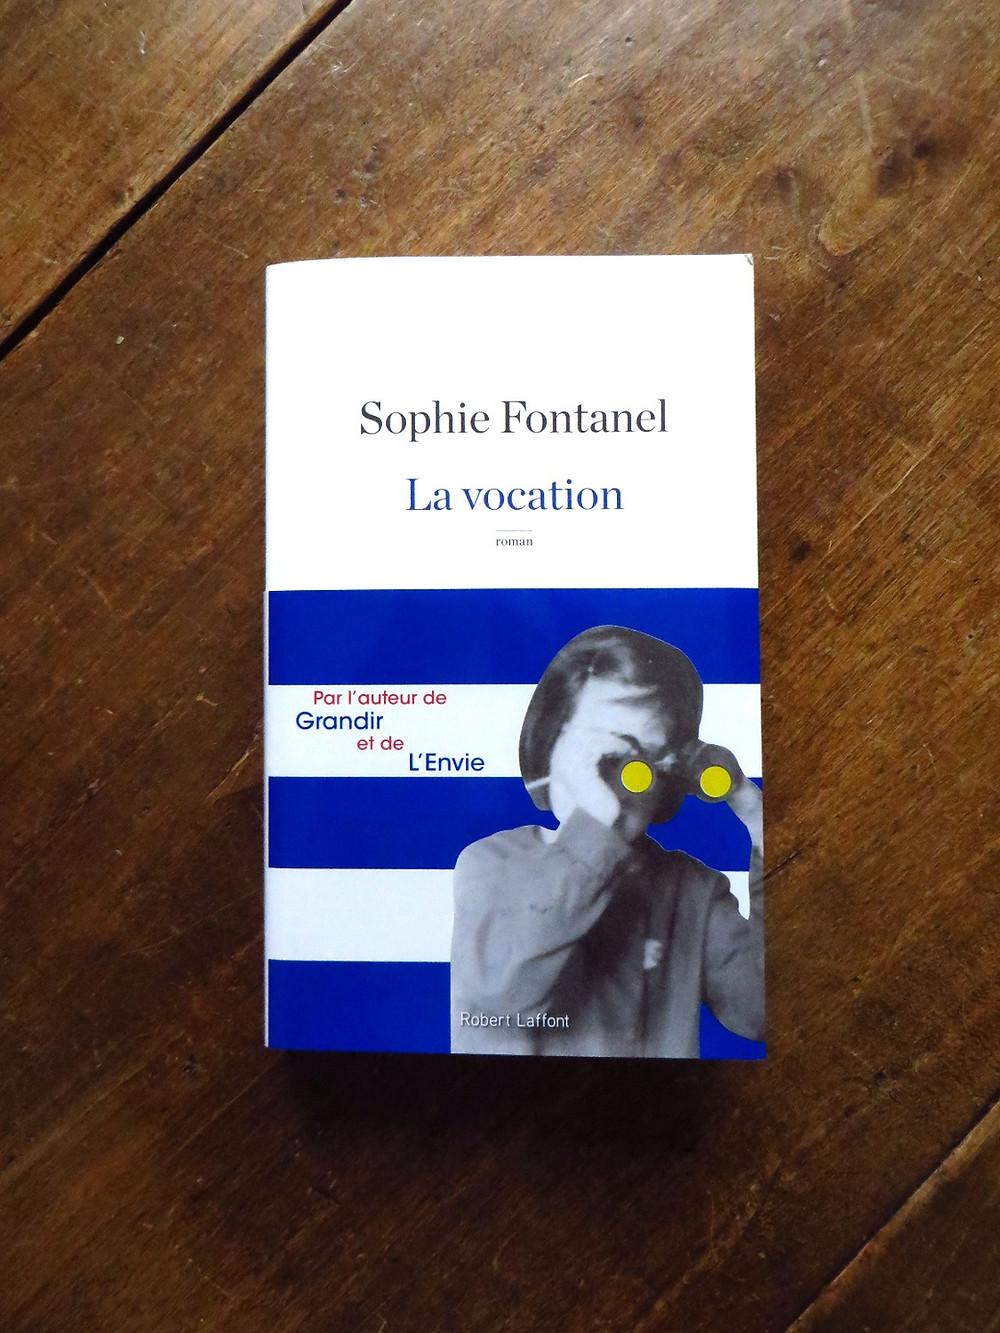 Photo : La vocation, Sophie Fontanel